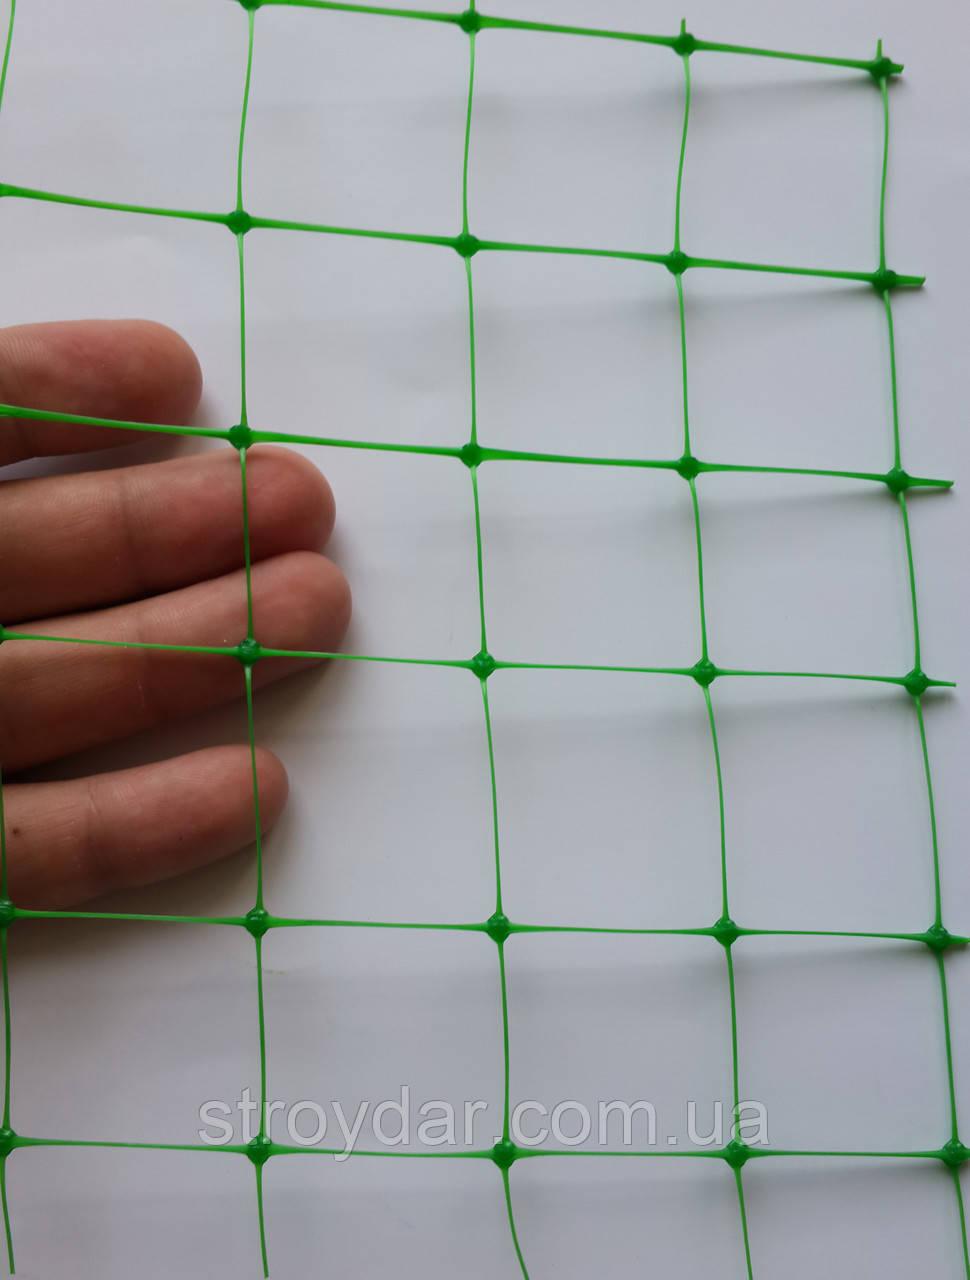 Пластиковая сетка универсальная Клевер У 30 Зеленая